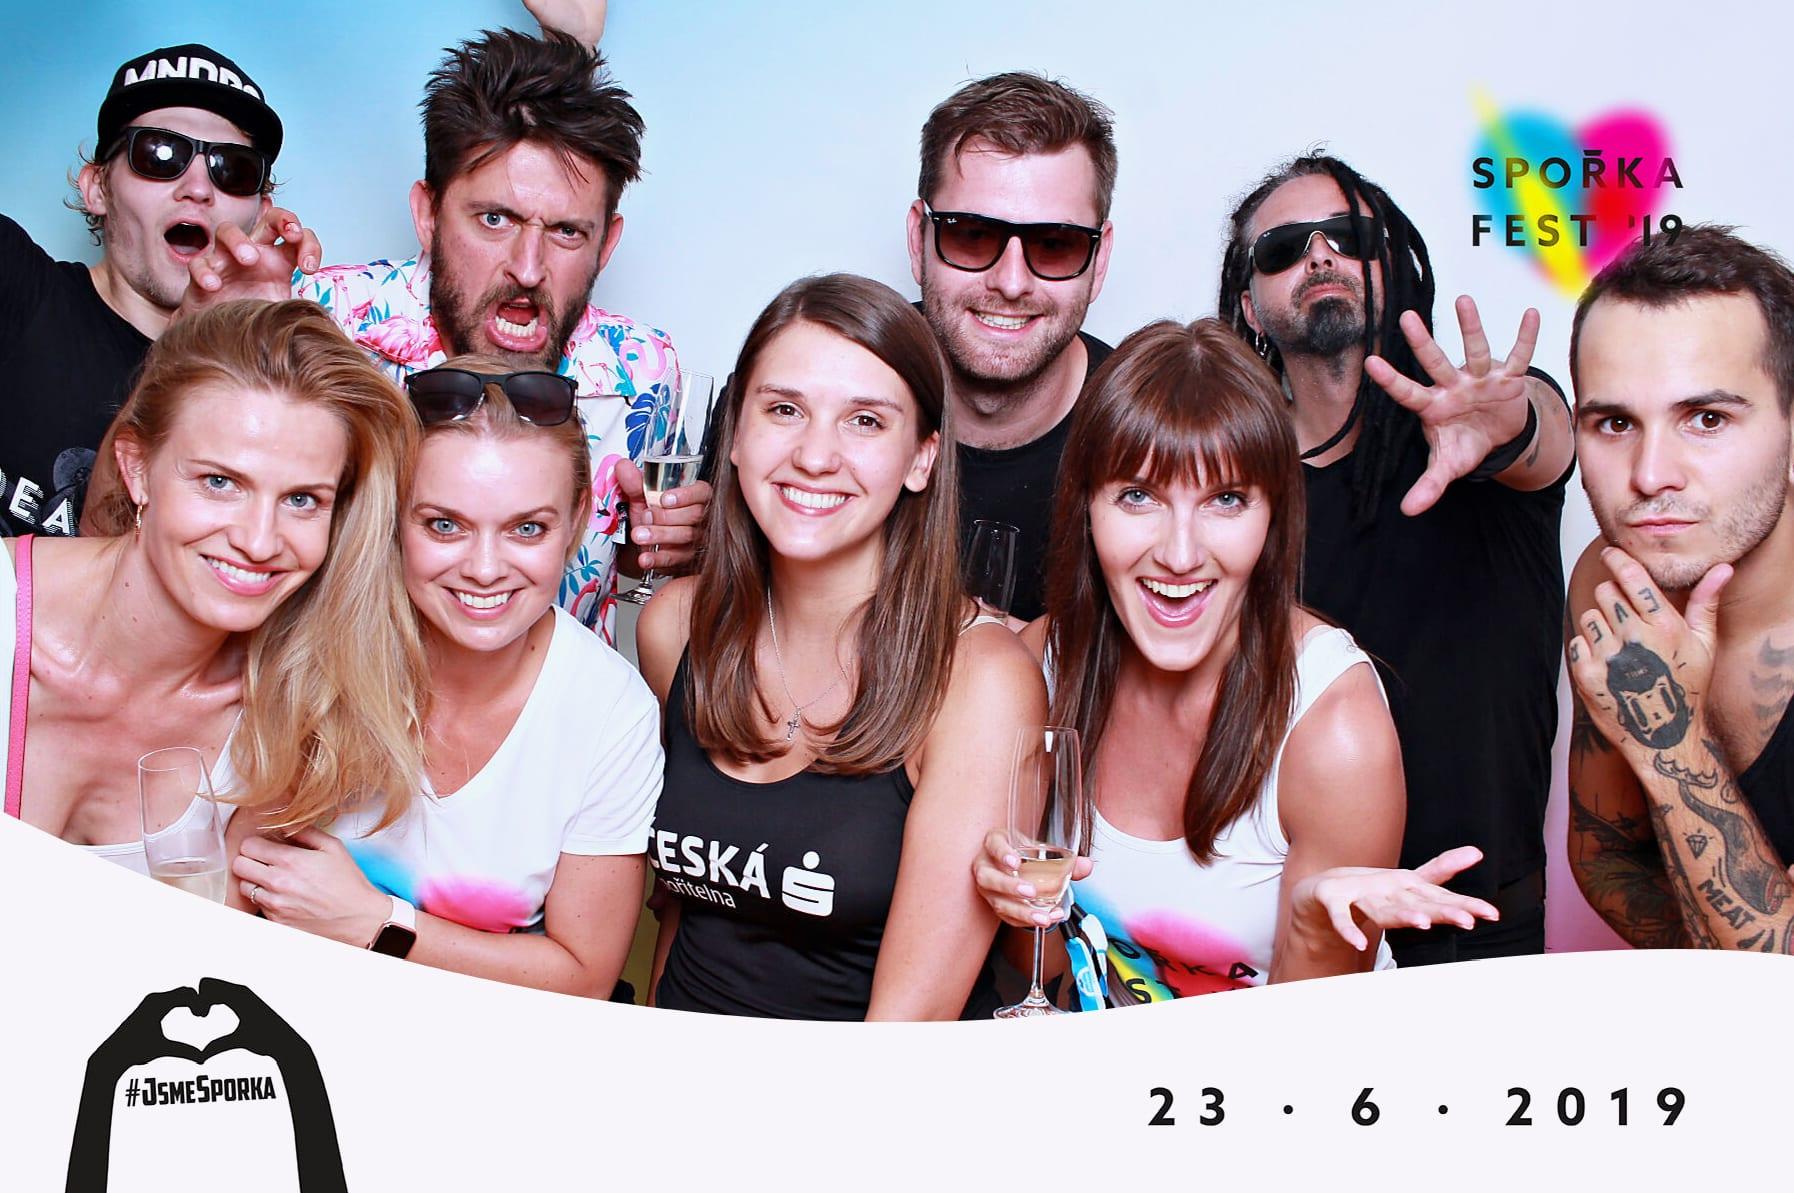 fotokoutek-festival-praha-sporka-fest-23-6-2019-2-633894